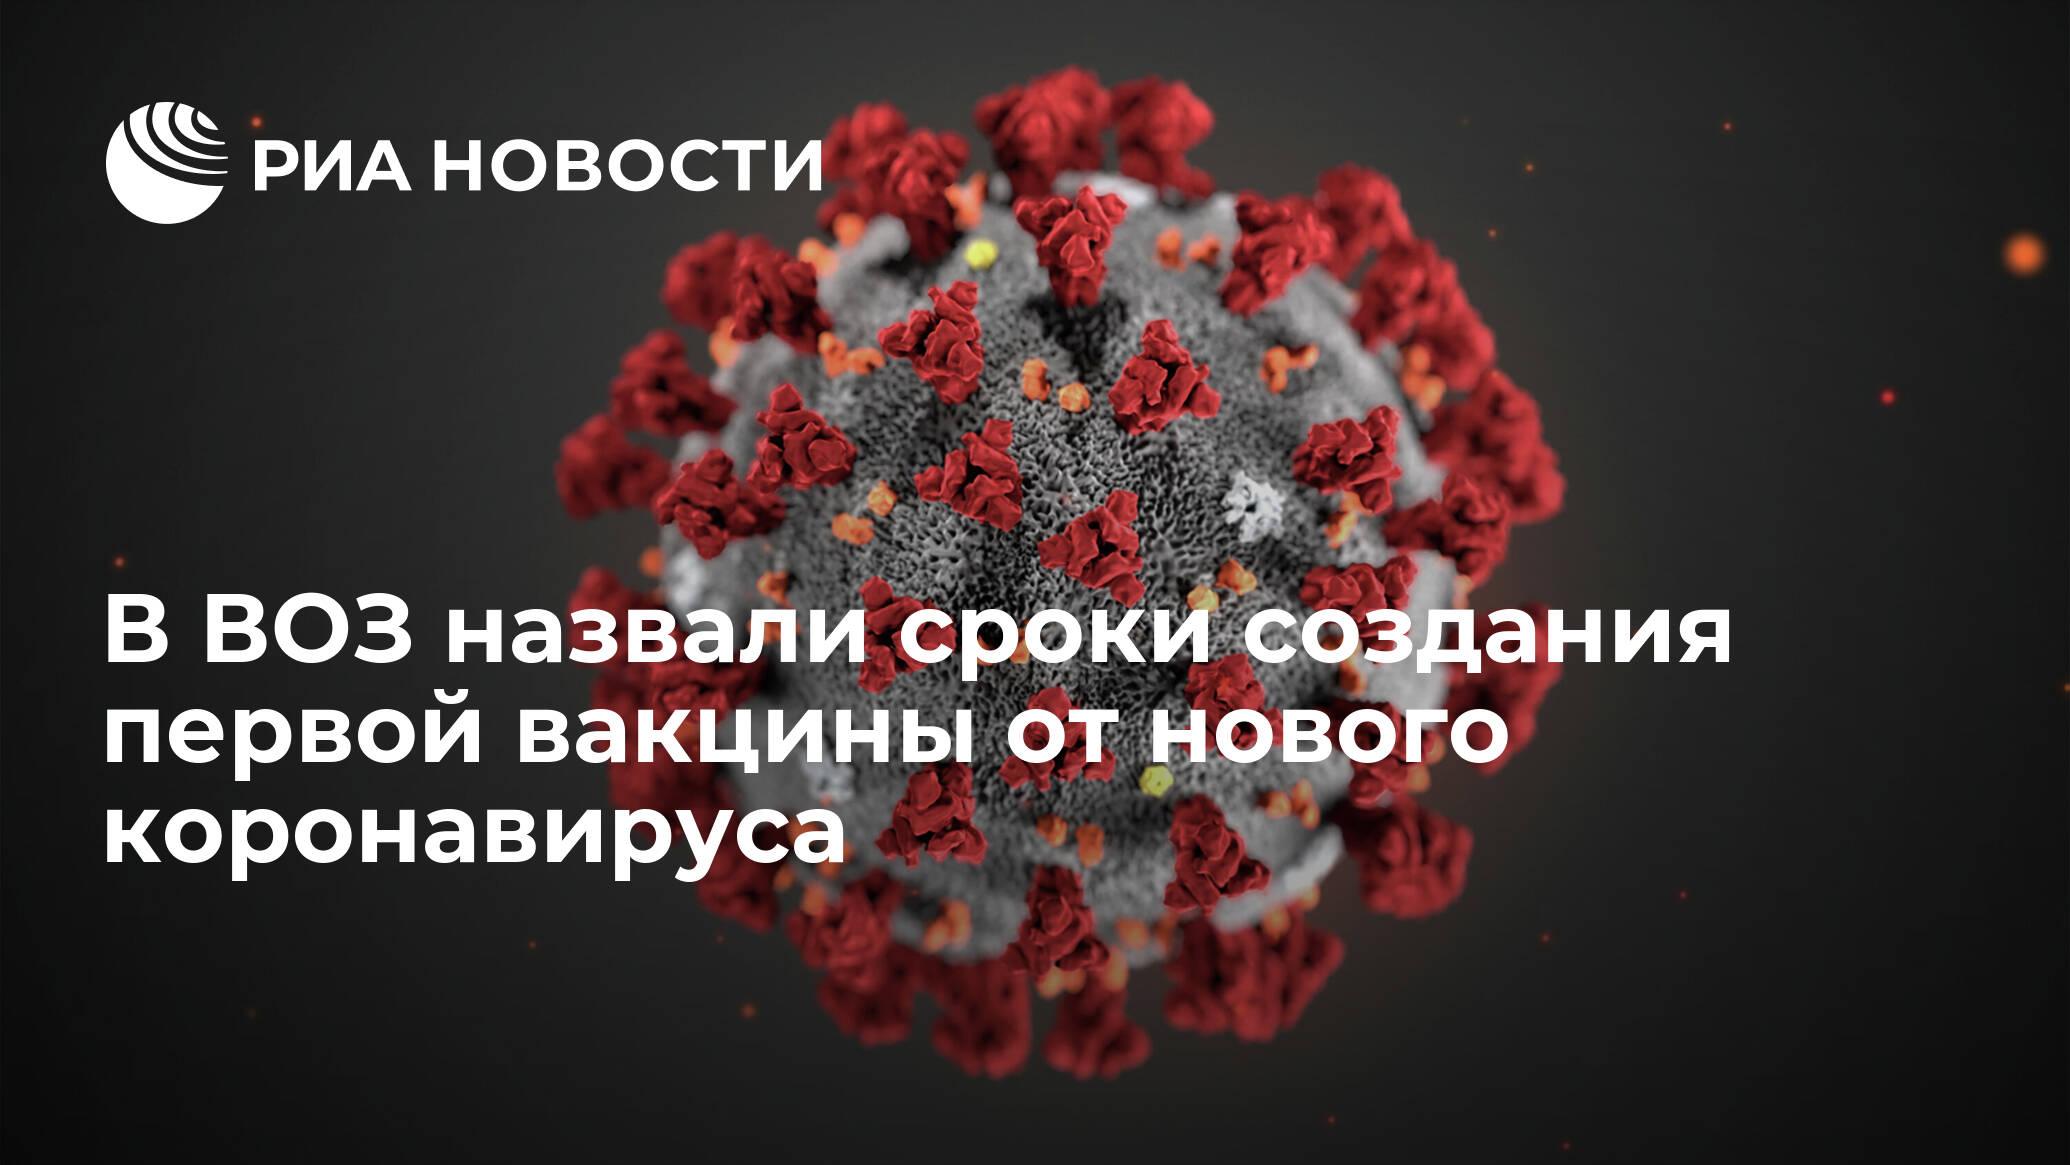 В ВОЗ назвали сроки создания первой вакцины от нового коронавируса